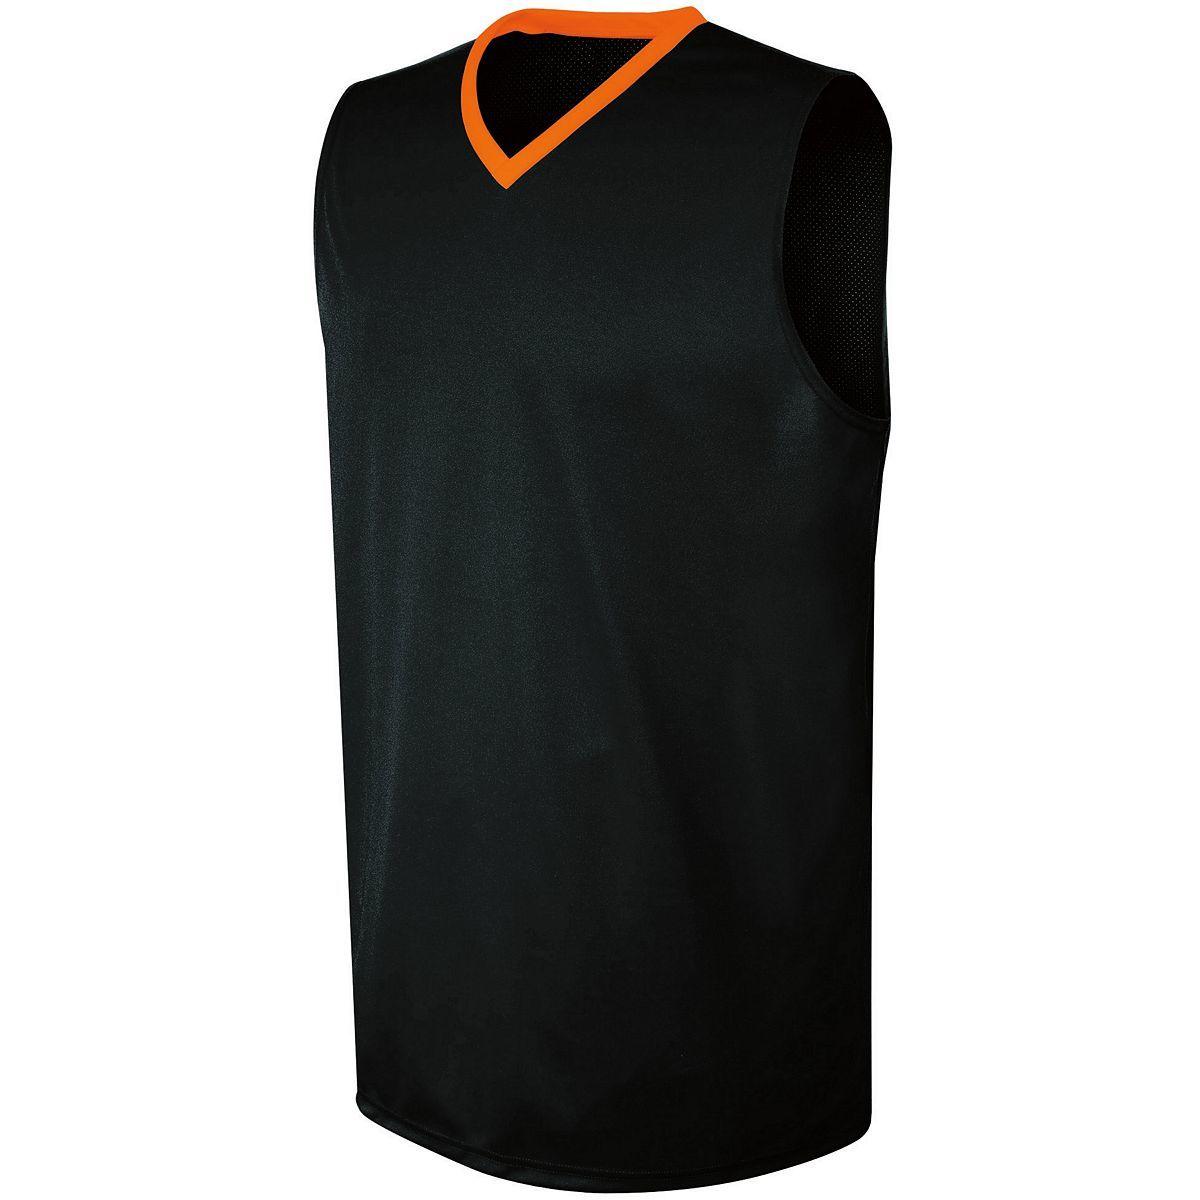 Ladies Transition Jersey - BLACK/ORANGE